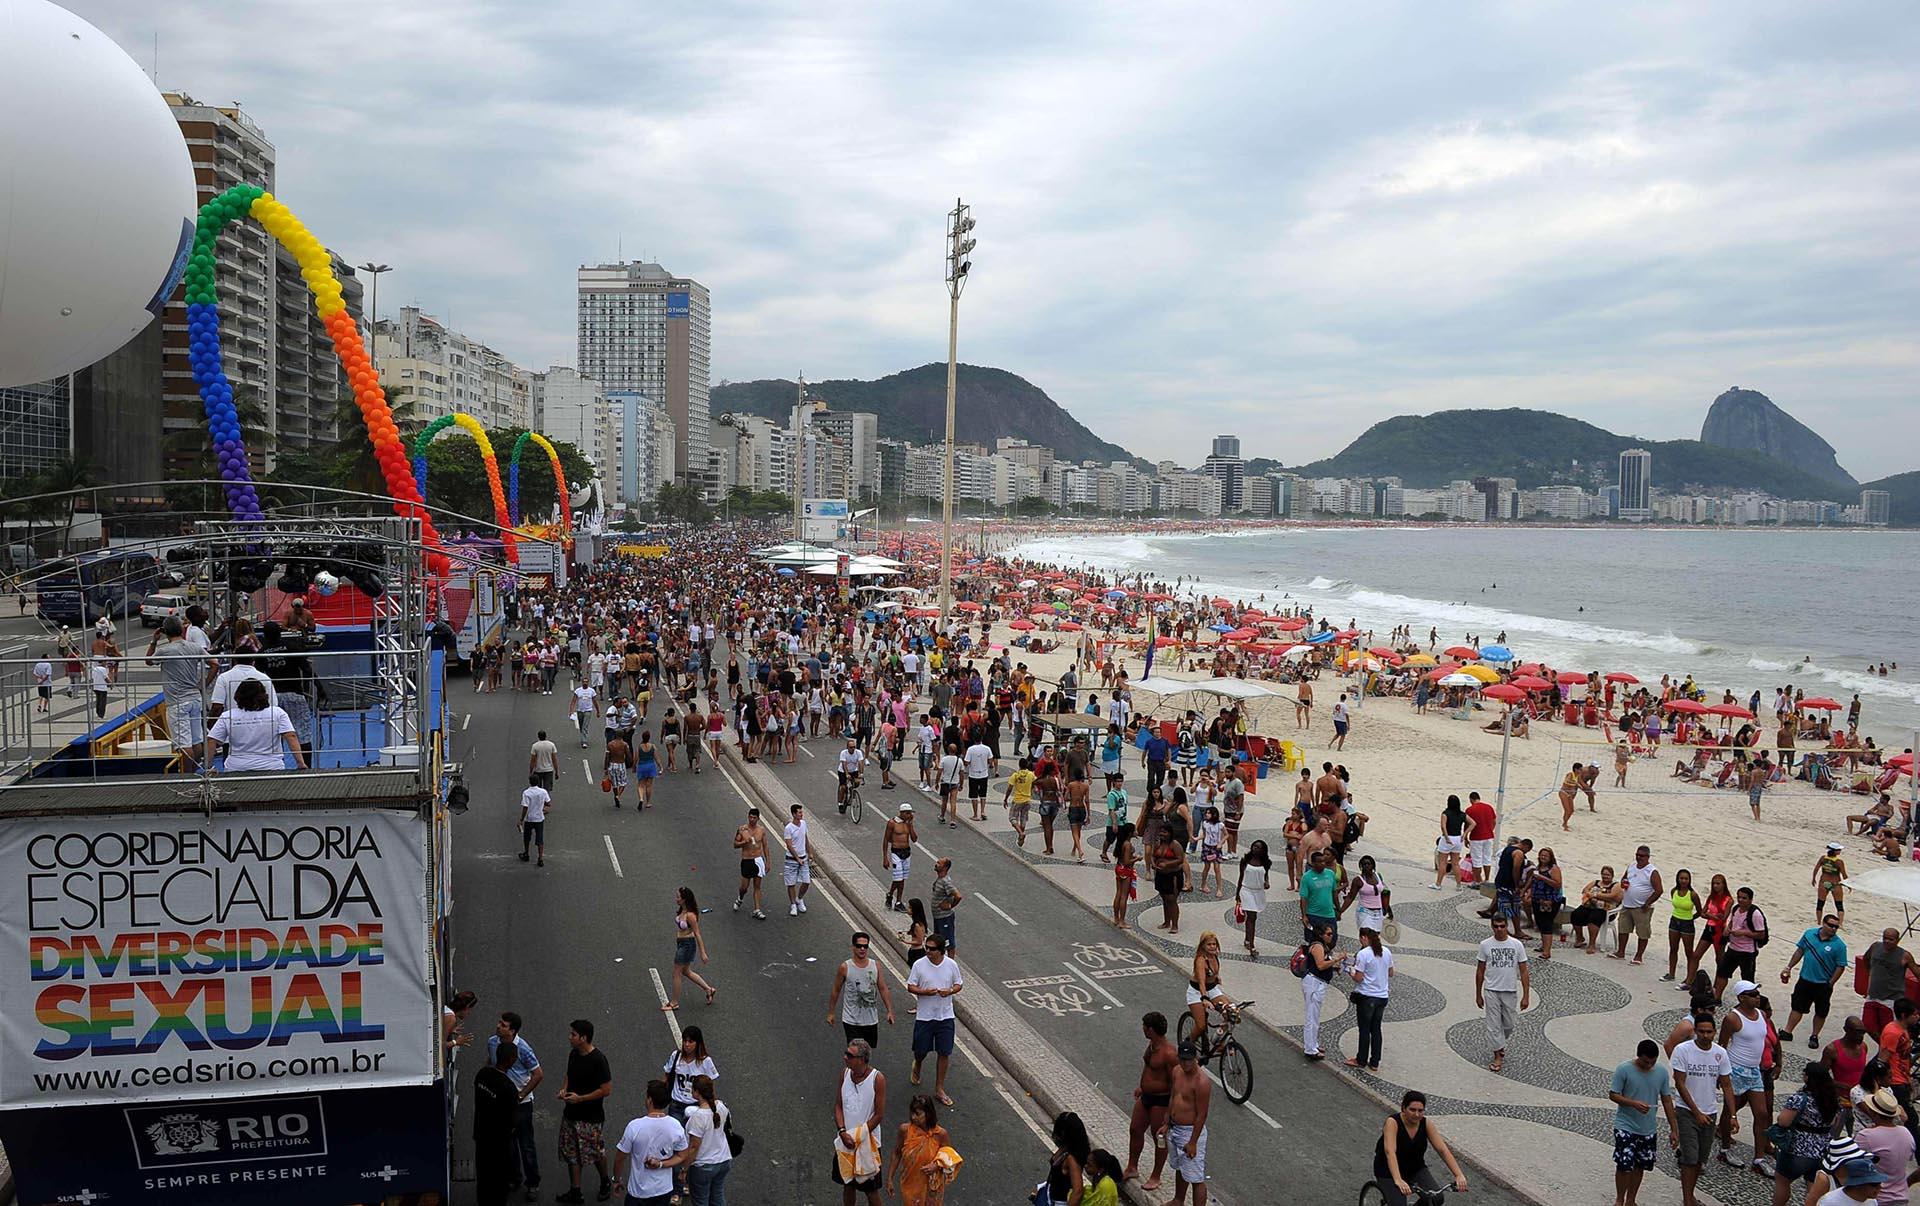 Miles de personas participan en el Desfile del Orgullo a lo largo de la Playa de Copacabana de Río de Janeiro el 9 de octubre de 2011. Los organizadores señalaron más de 2 millones de asistentes